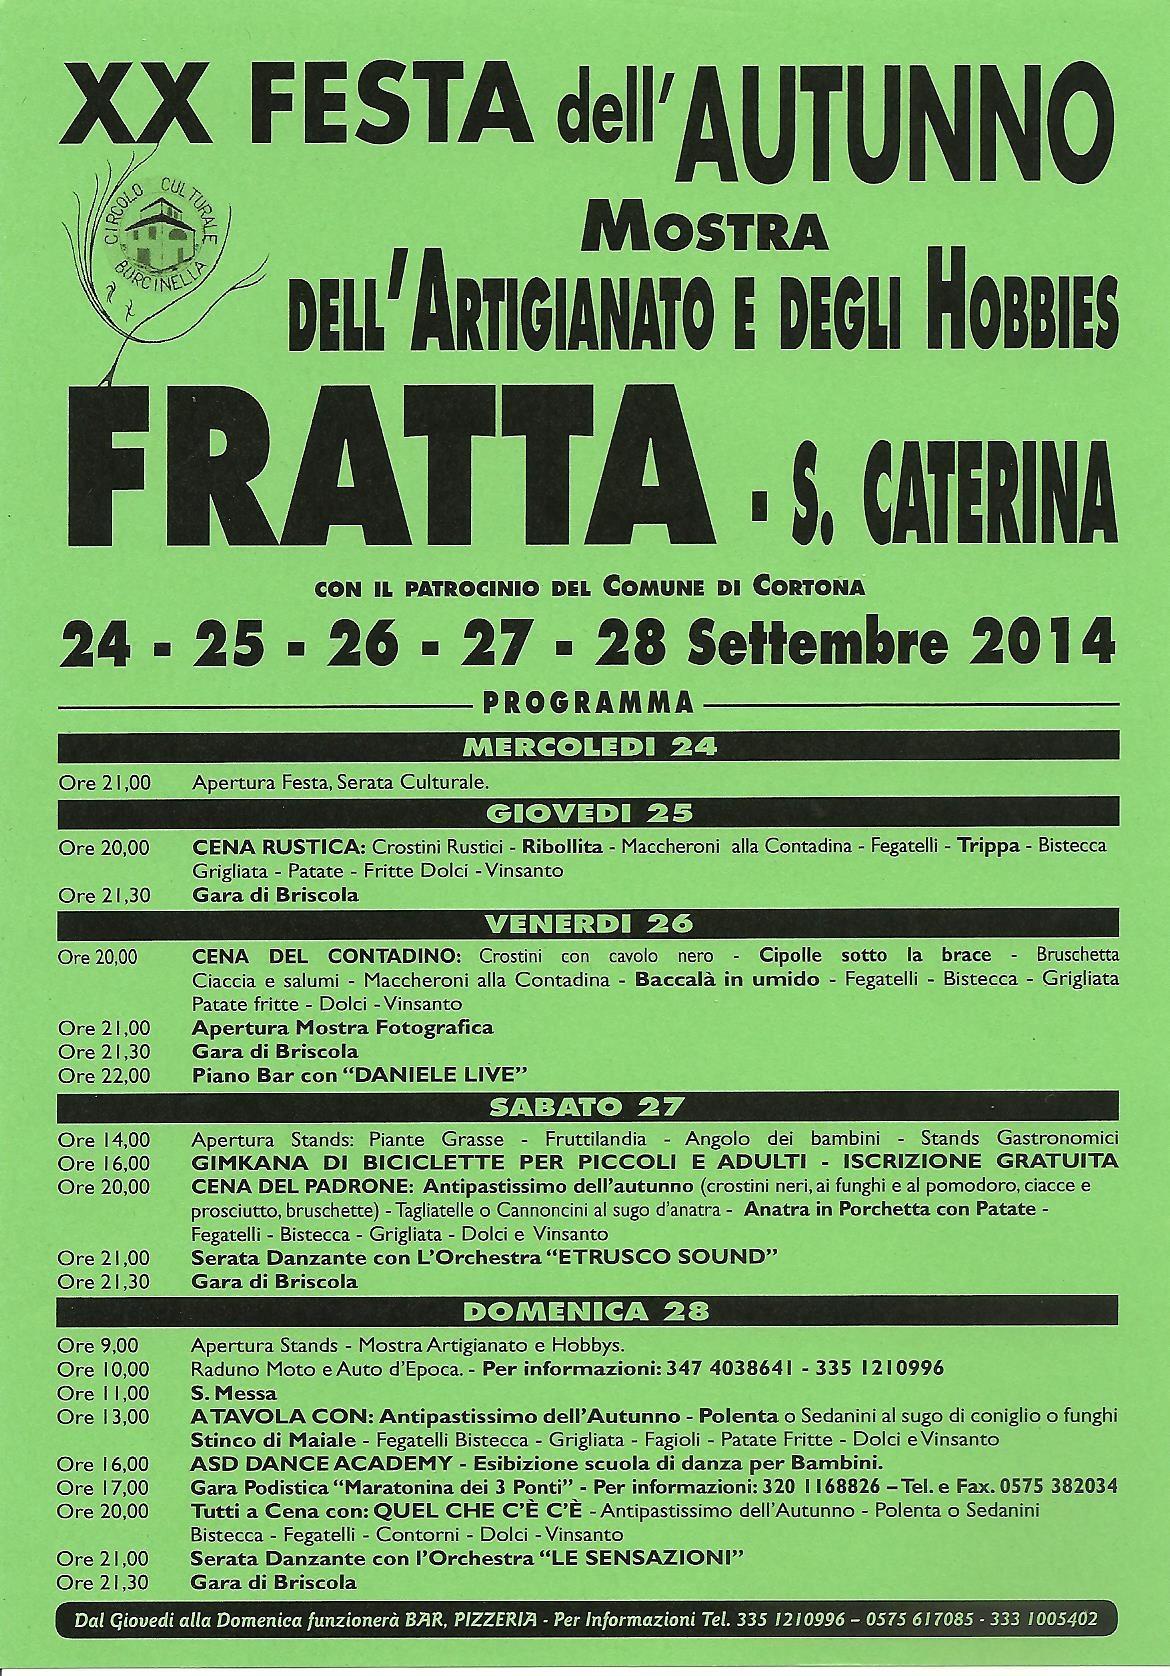 XX Festa dell'Autunno a Fratta di Cortona